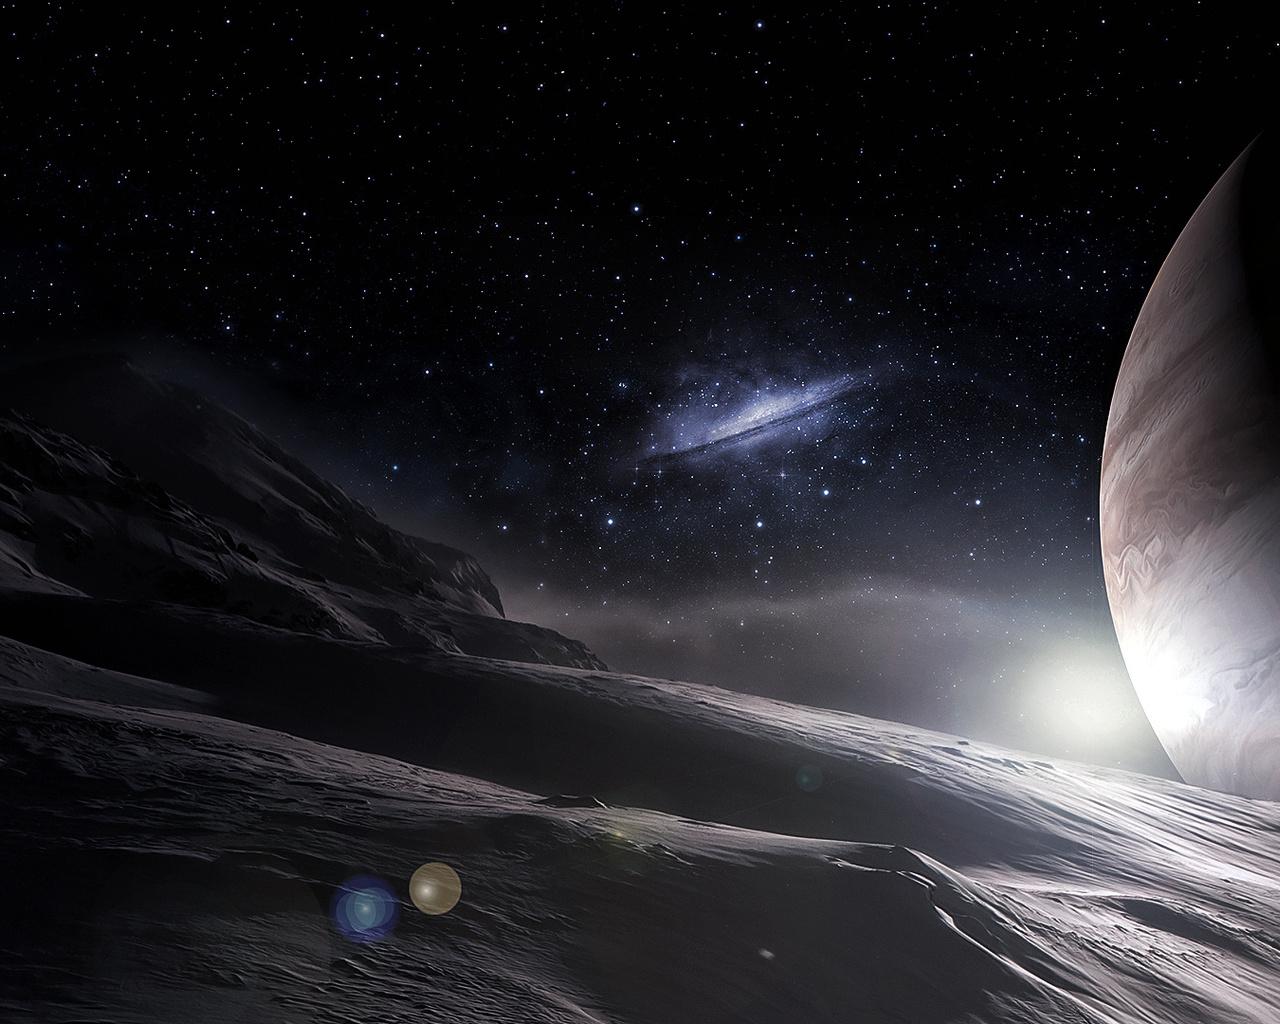 Арт, поверхность, космос, планеты, звезды, галактика